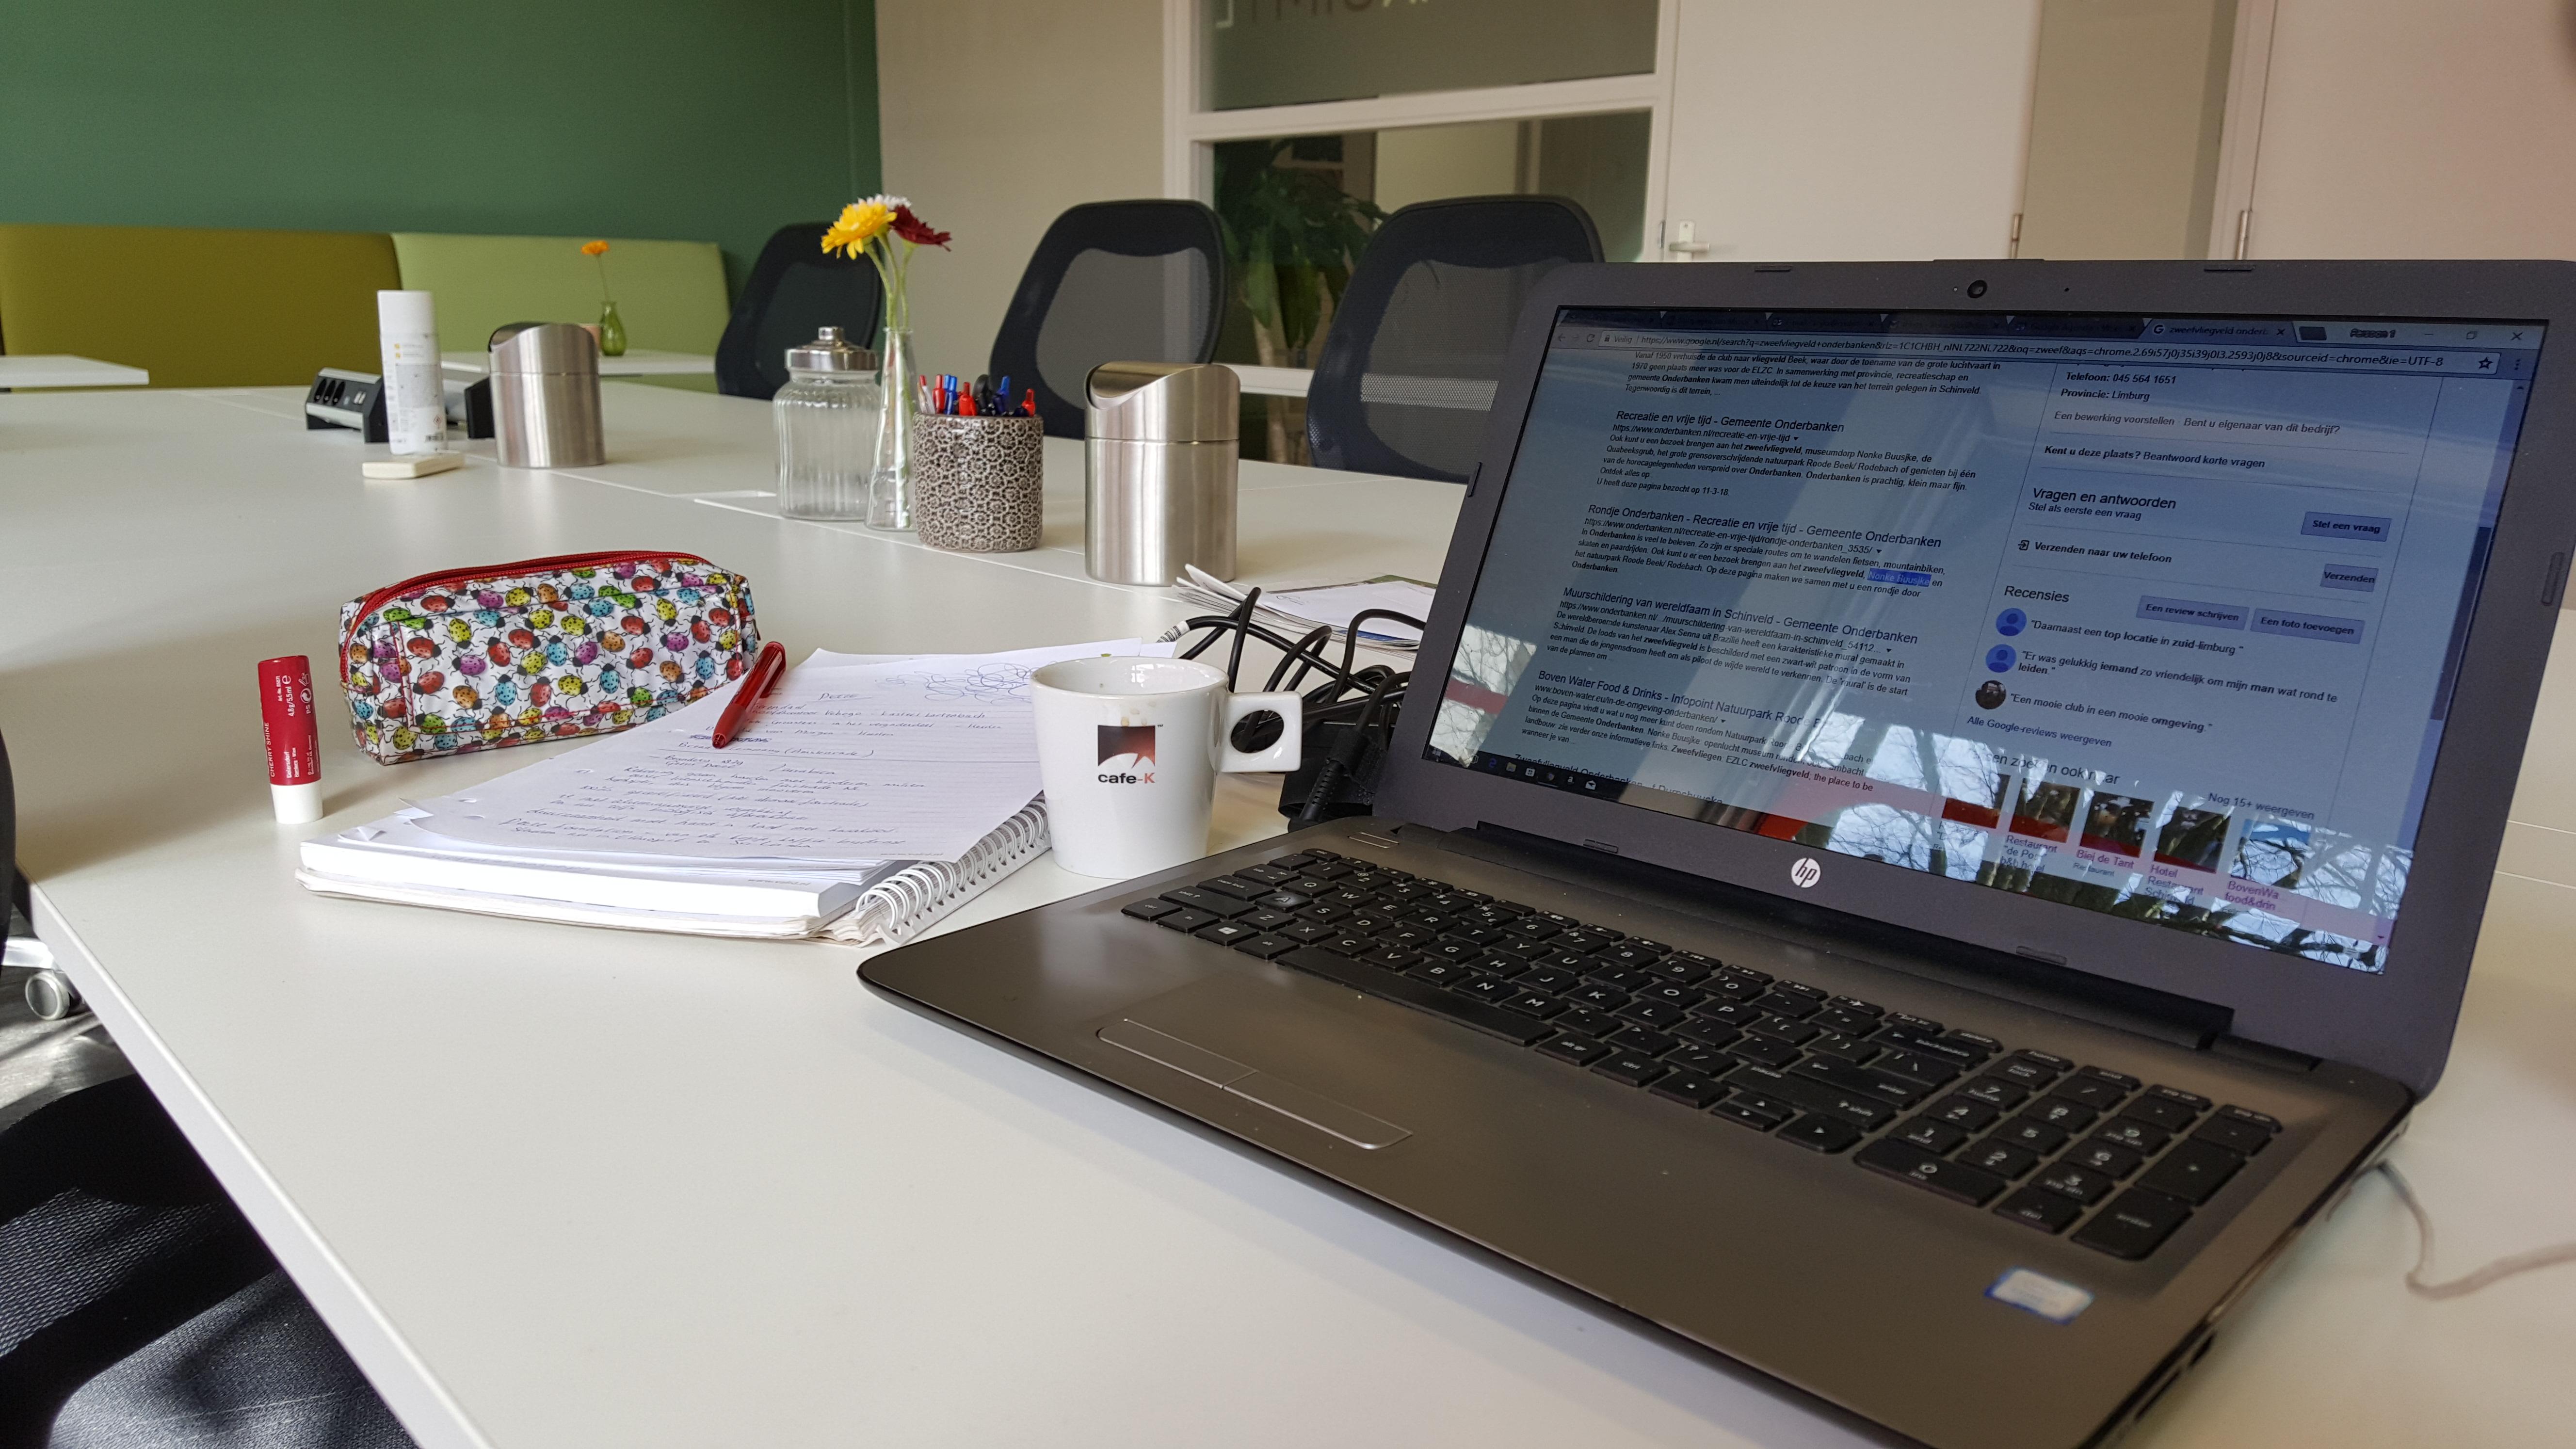 Eenzaam op kantoor